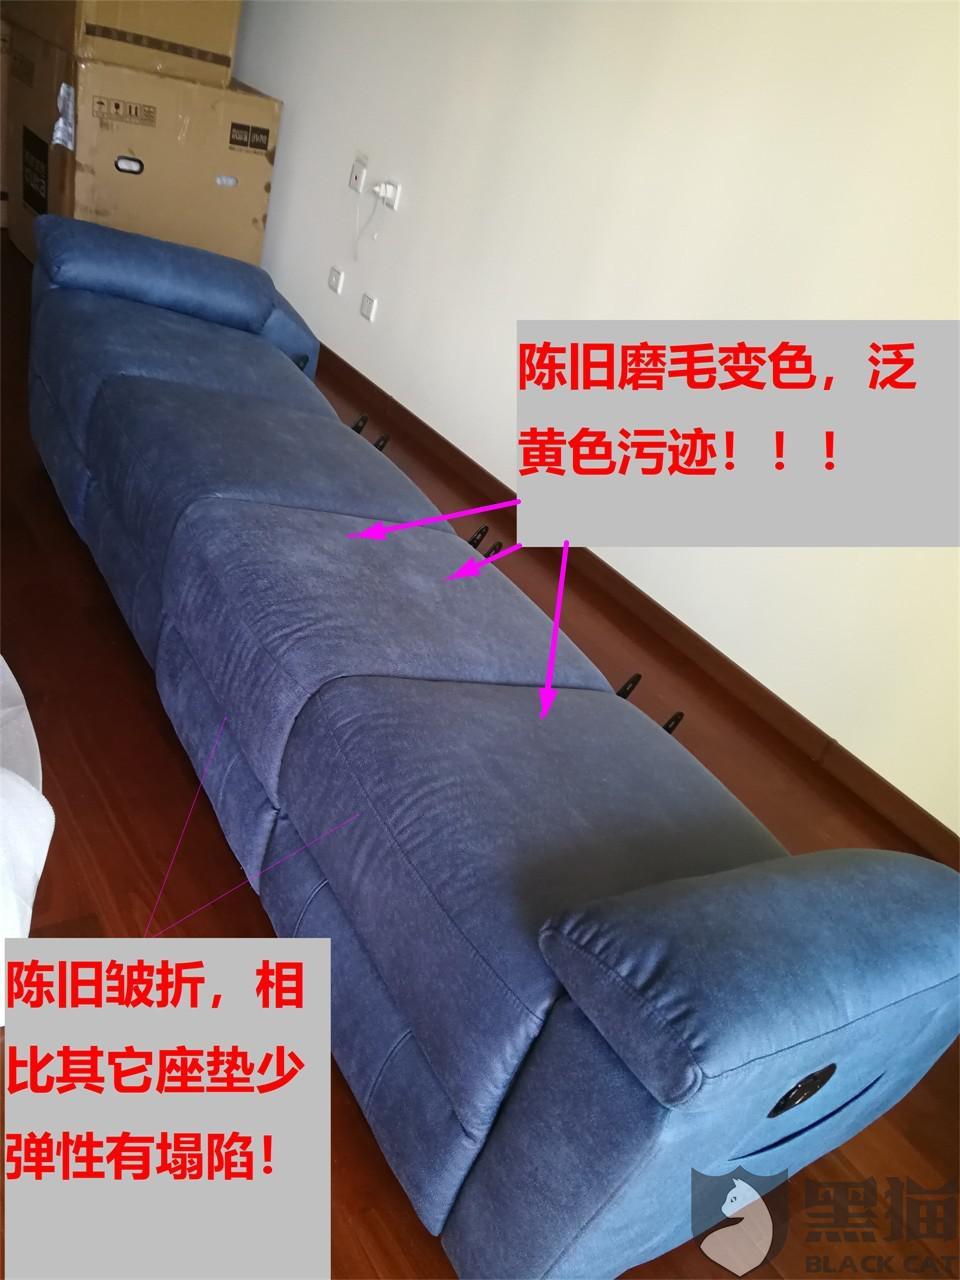 """黑猫投诉:""""618""""下单顾家家居,收到的却是使用过的问题沙发!"""